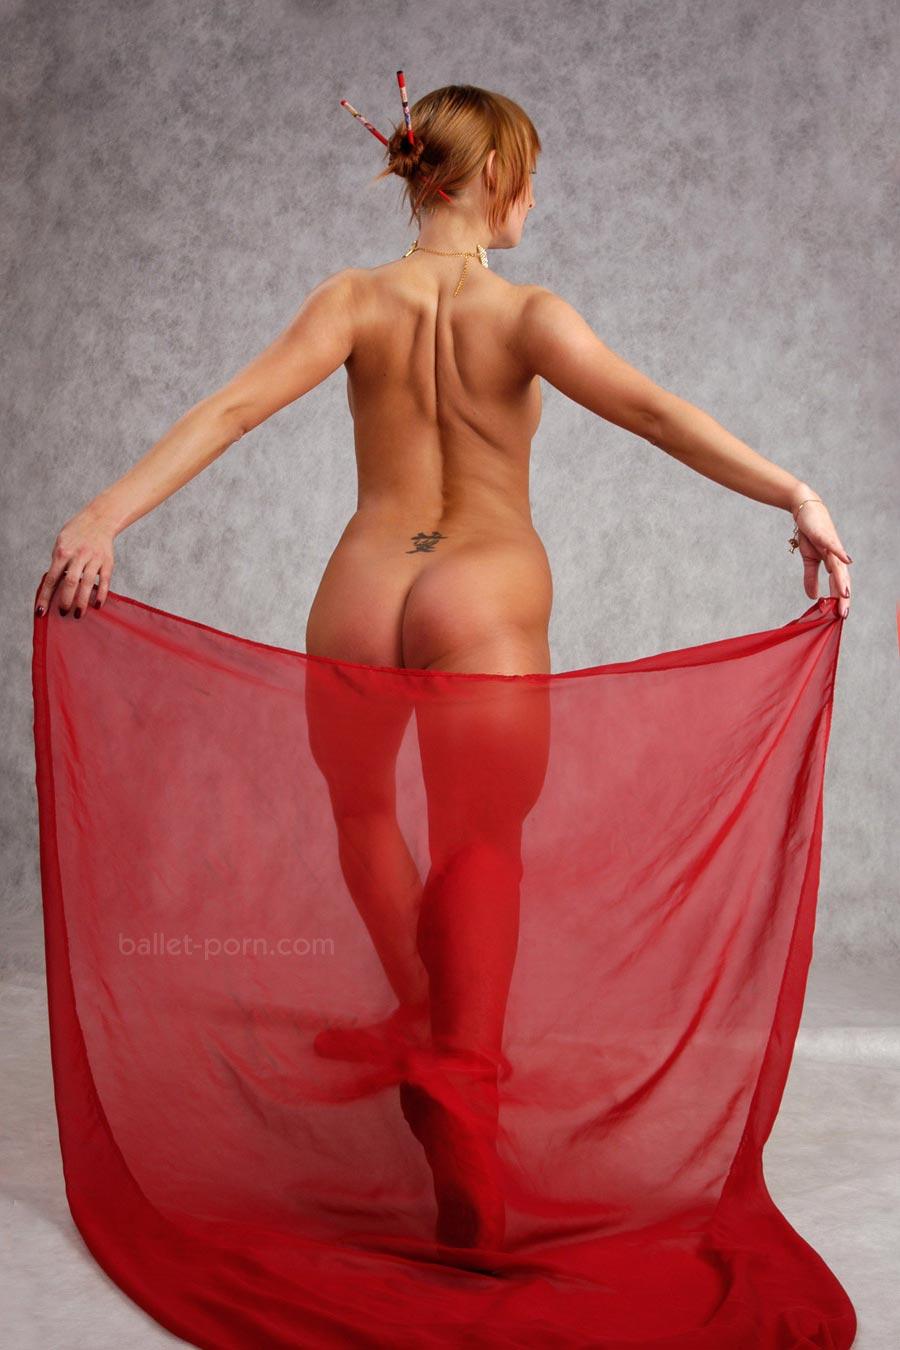 Russian ballet porn